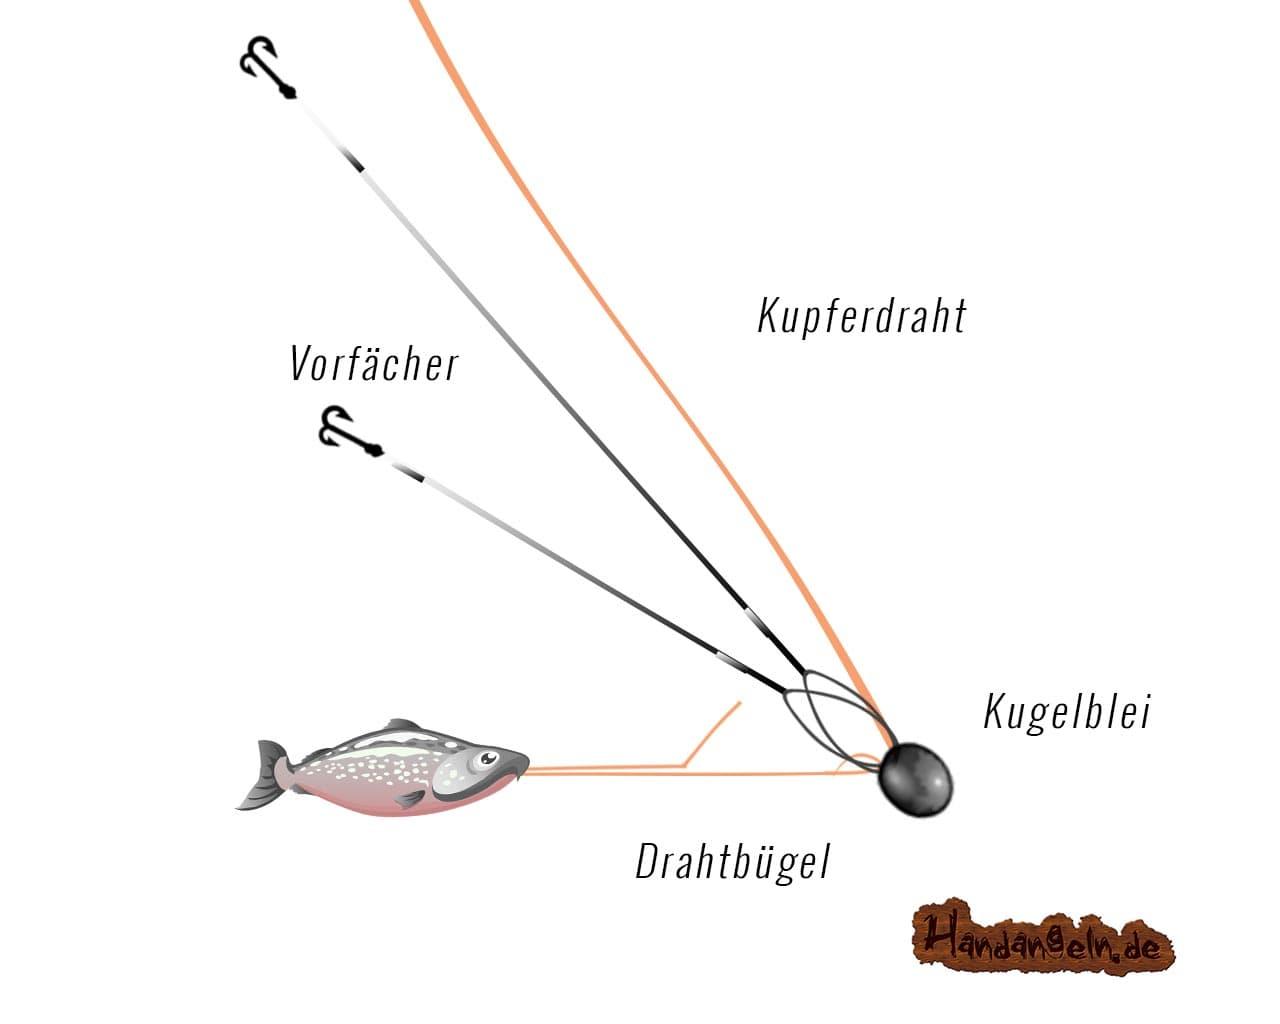 Illustration Drachkovitch System Montage Schritt 4 Drahtbügel in den Köderfisch schieben